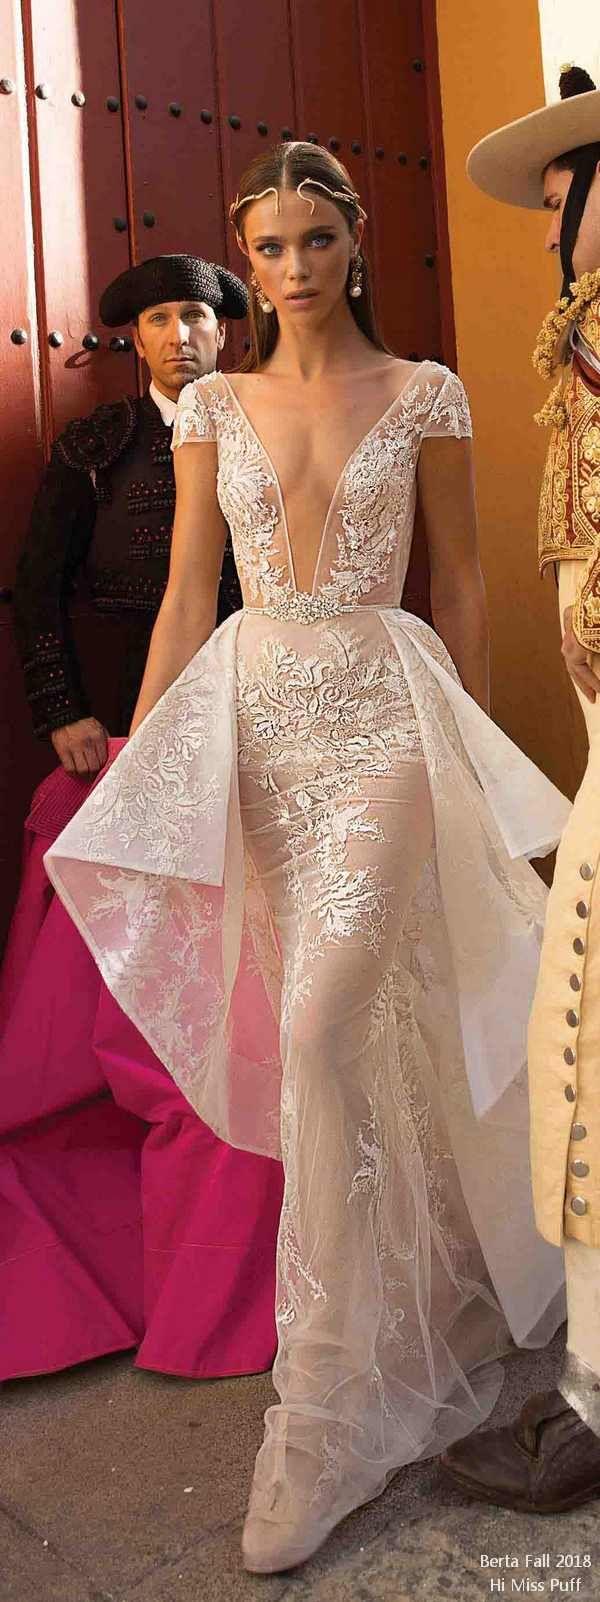 Berta Fall 2018 Wedding Dresses | Hochzeitskleider, Hochzeit ...